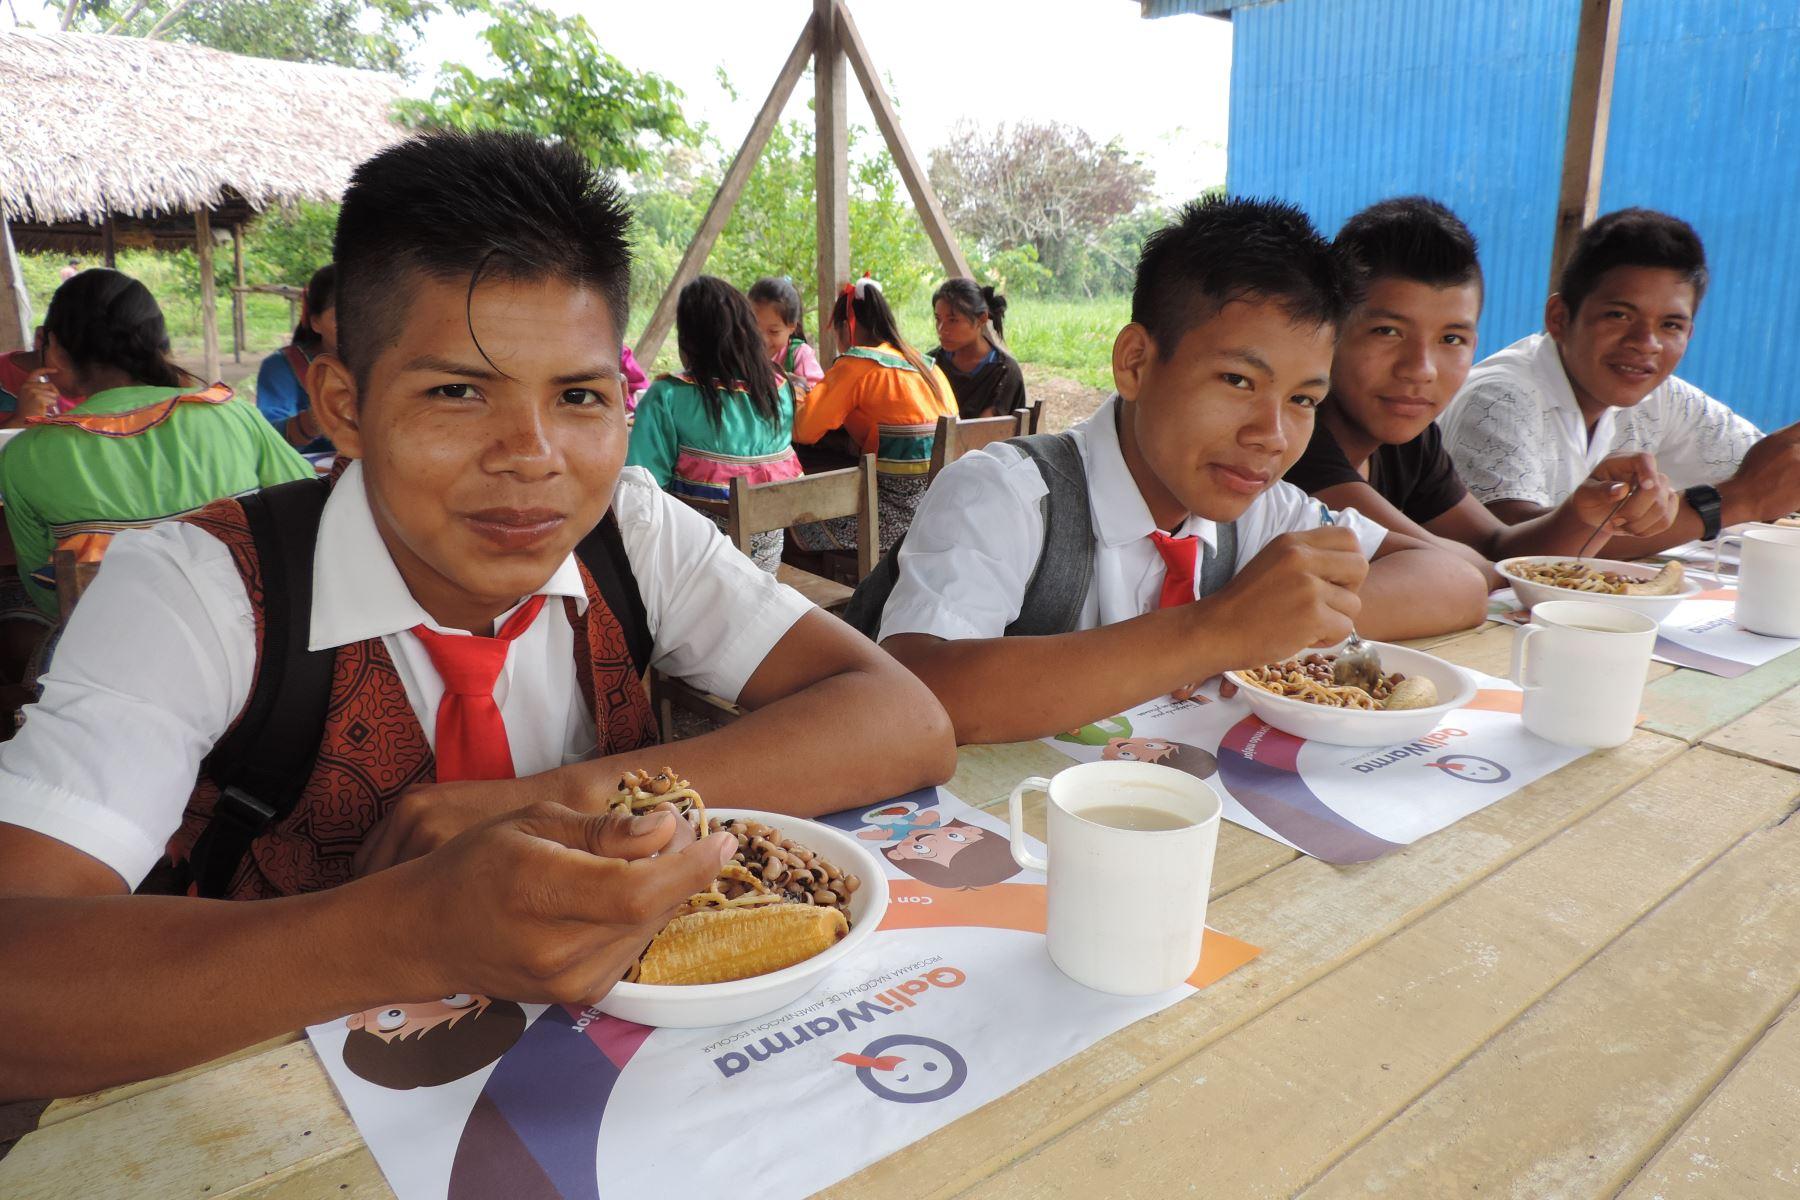 Más de 90,000 estudiantes de secundaria que cumplen la Jornada Escolar Completa en 434 instituciones educativas públicas de las zonas de extrema pobreza y pobreza del país, recibirán este año los desayunos y almuerzos que brinda el Programa Nacional de Alimentación Escolar Qali Warma. ANDINA/Difusión